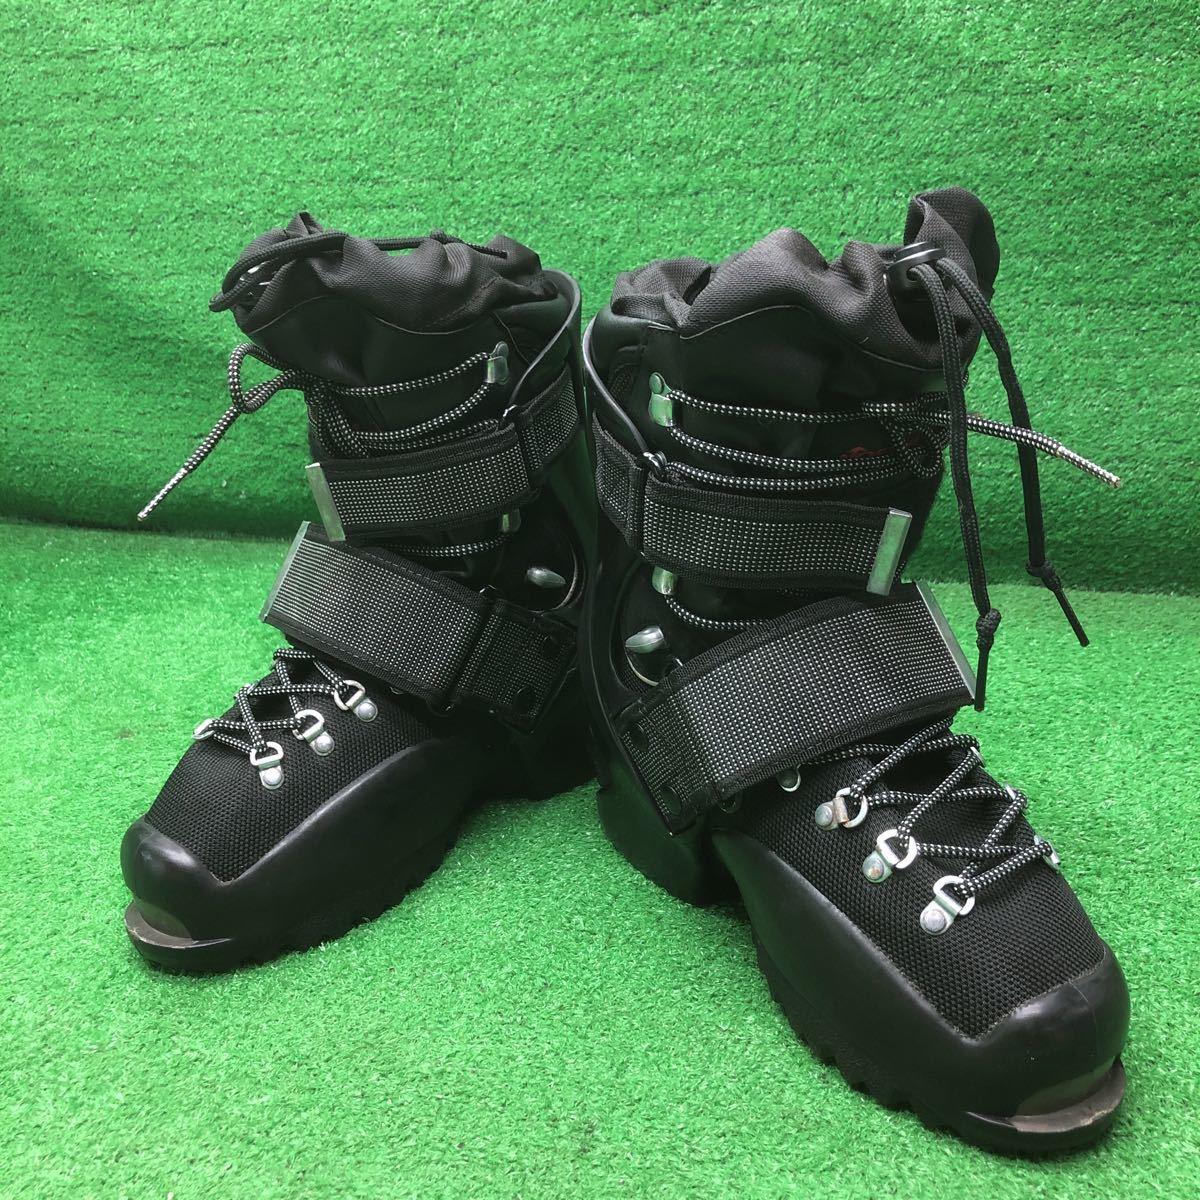 SB-231 NORDICA ノルディカ 25.5cm ファンスキー用になるブーツ 全国何処でも一律送料1000円でお送りいたします